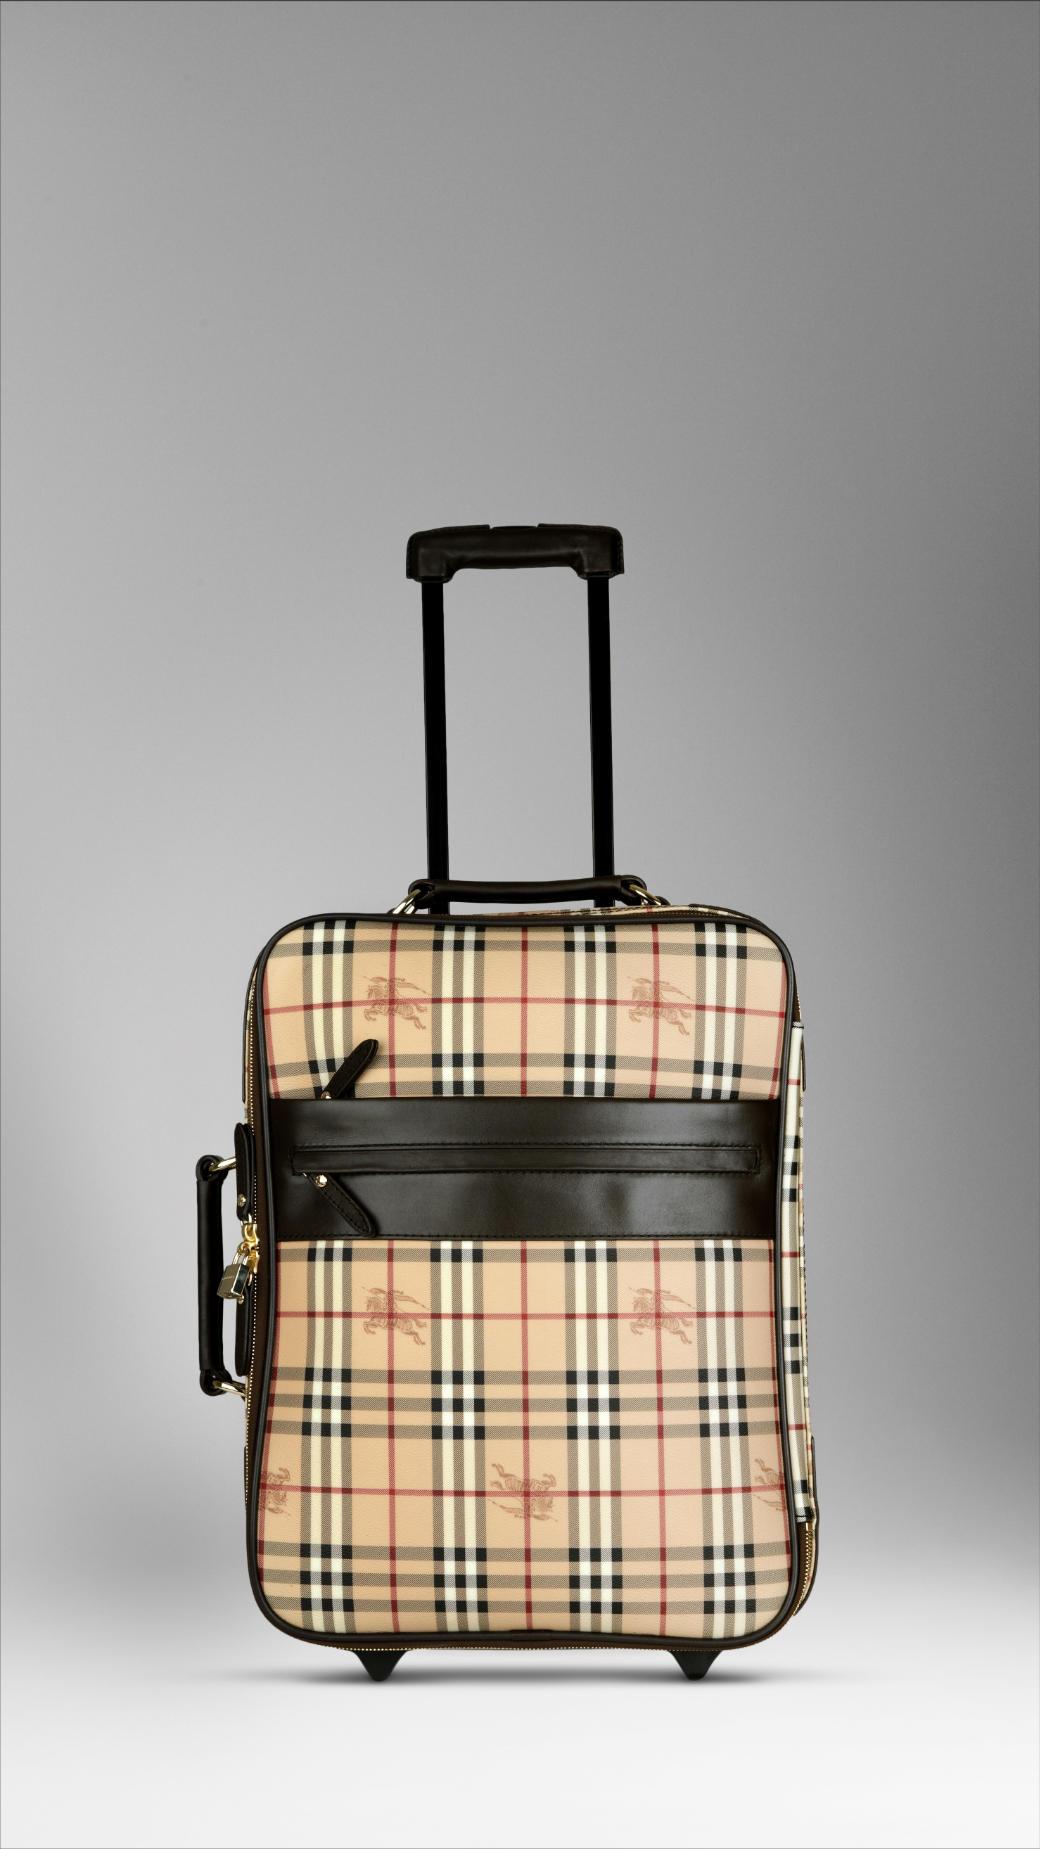 Burberry Hand Luggage Bag